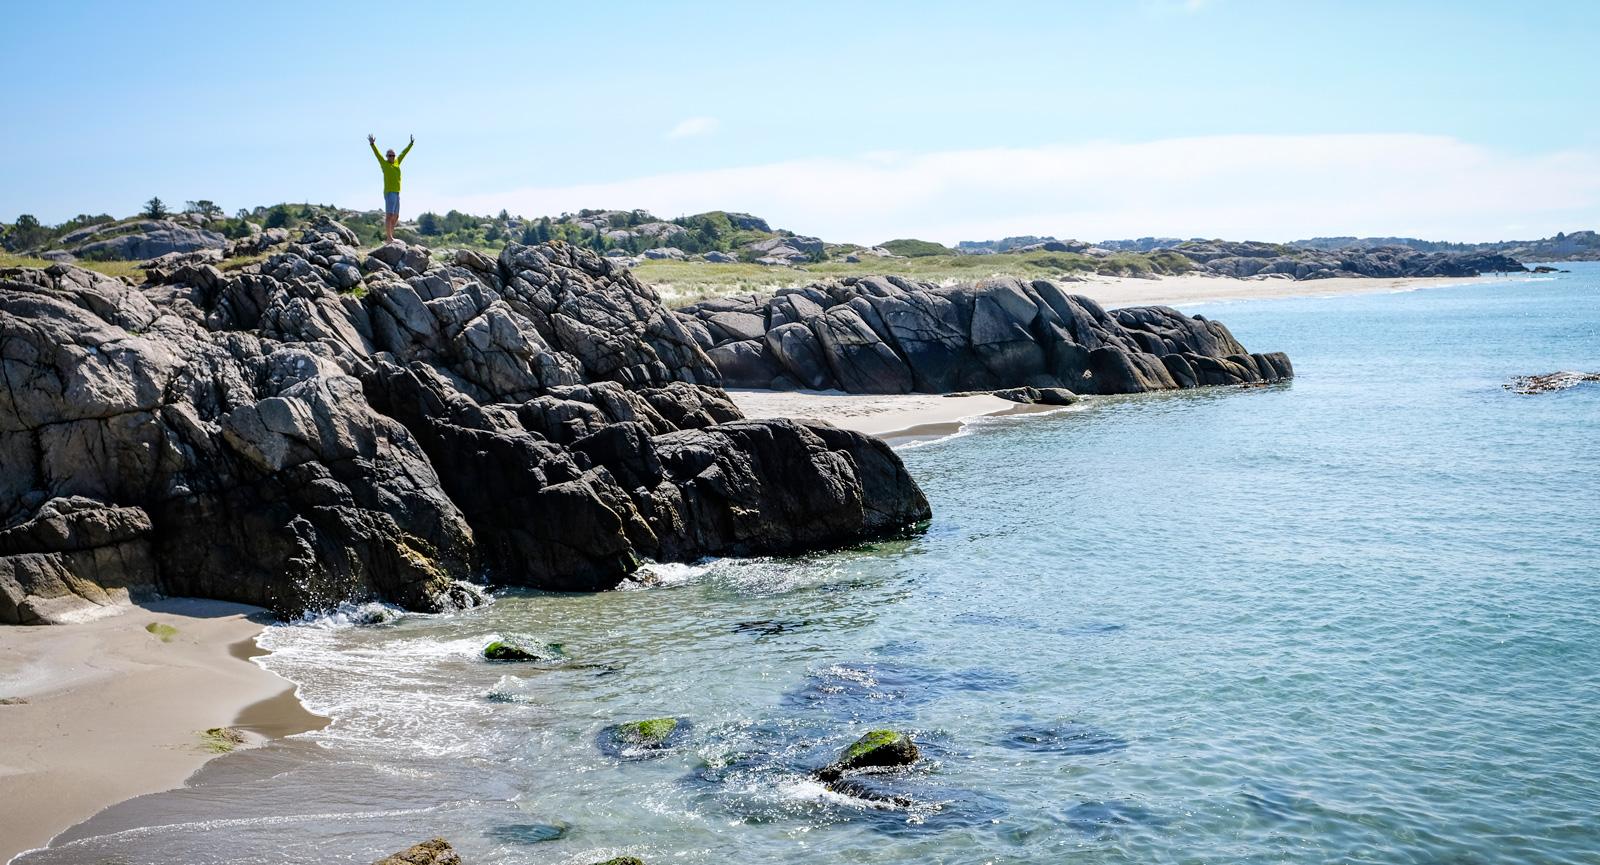 Den som vill ha en privat egen strand behöver inte leta länge.